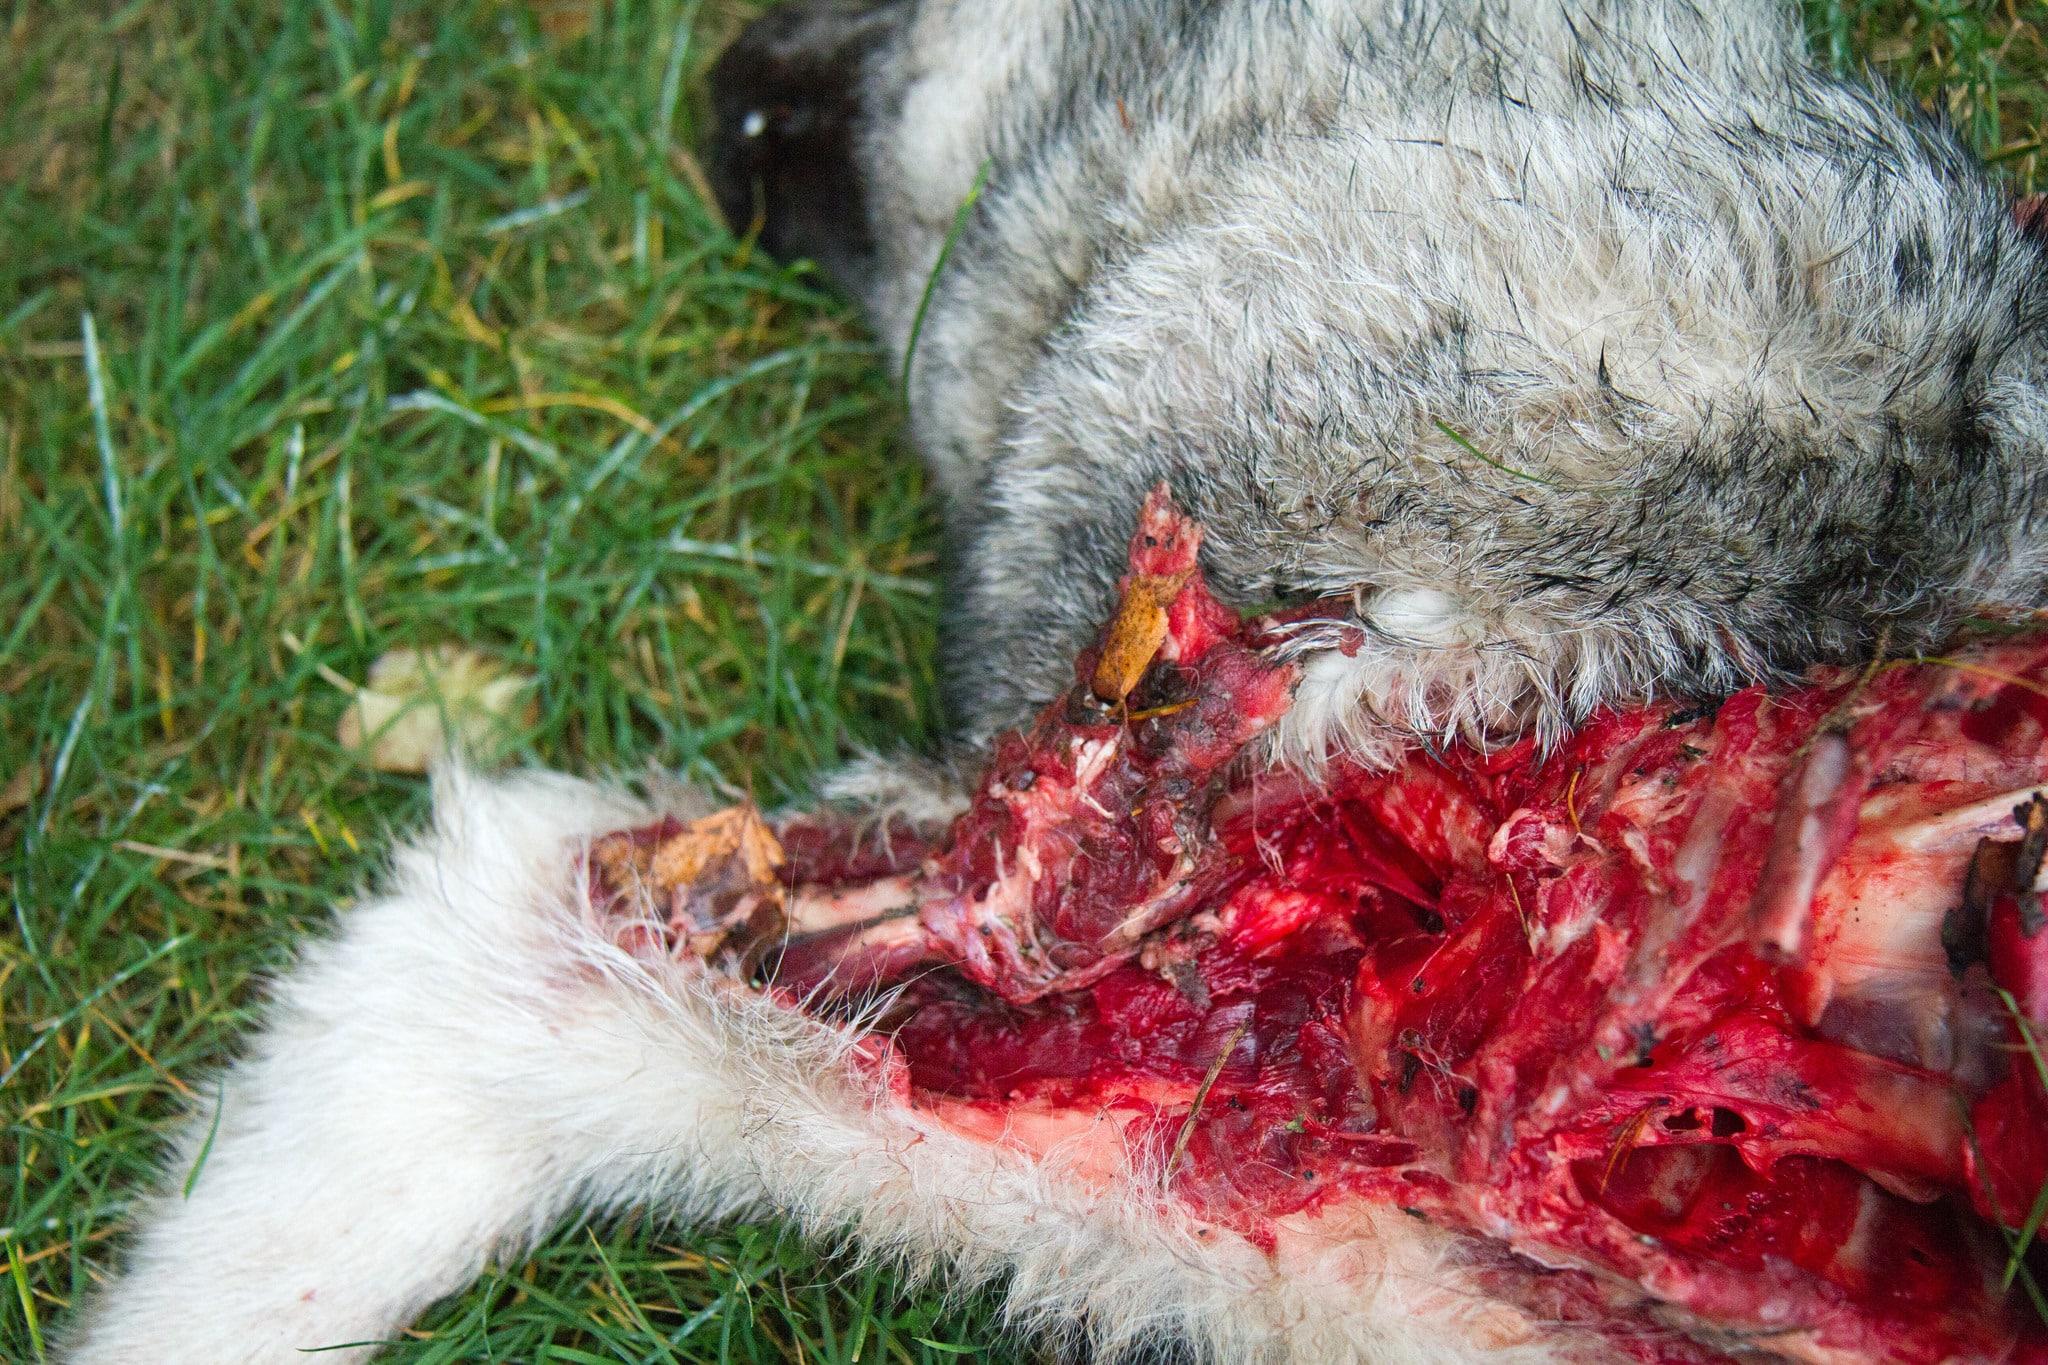 Vargdödad gråhund. Foto: Olle Olsson